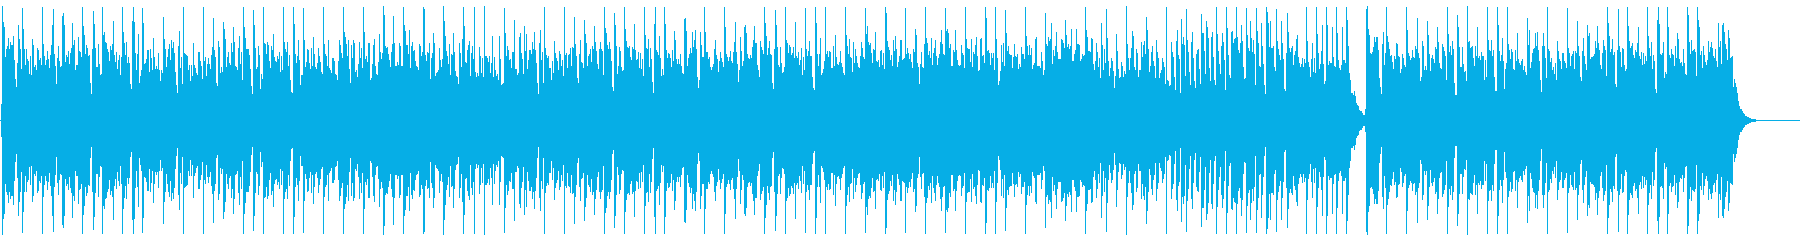 ヨーロピアンな民族音楽風の再生済みの波形